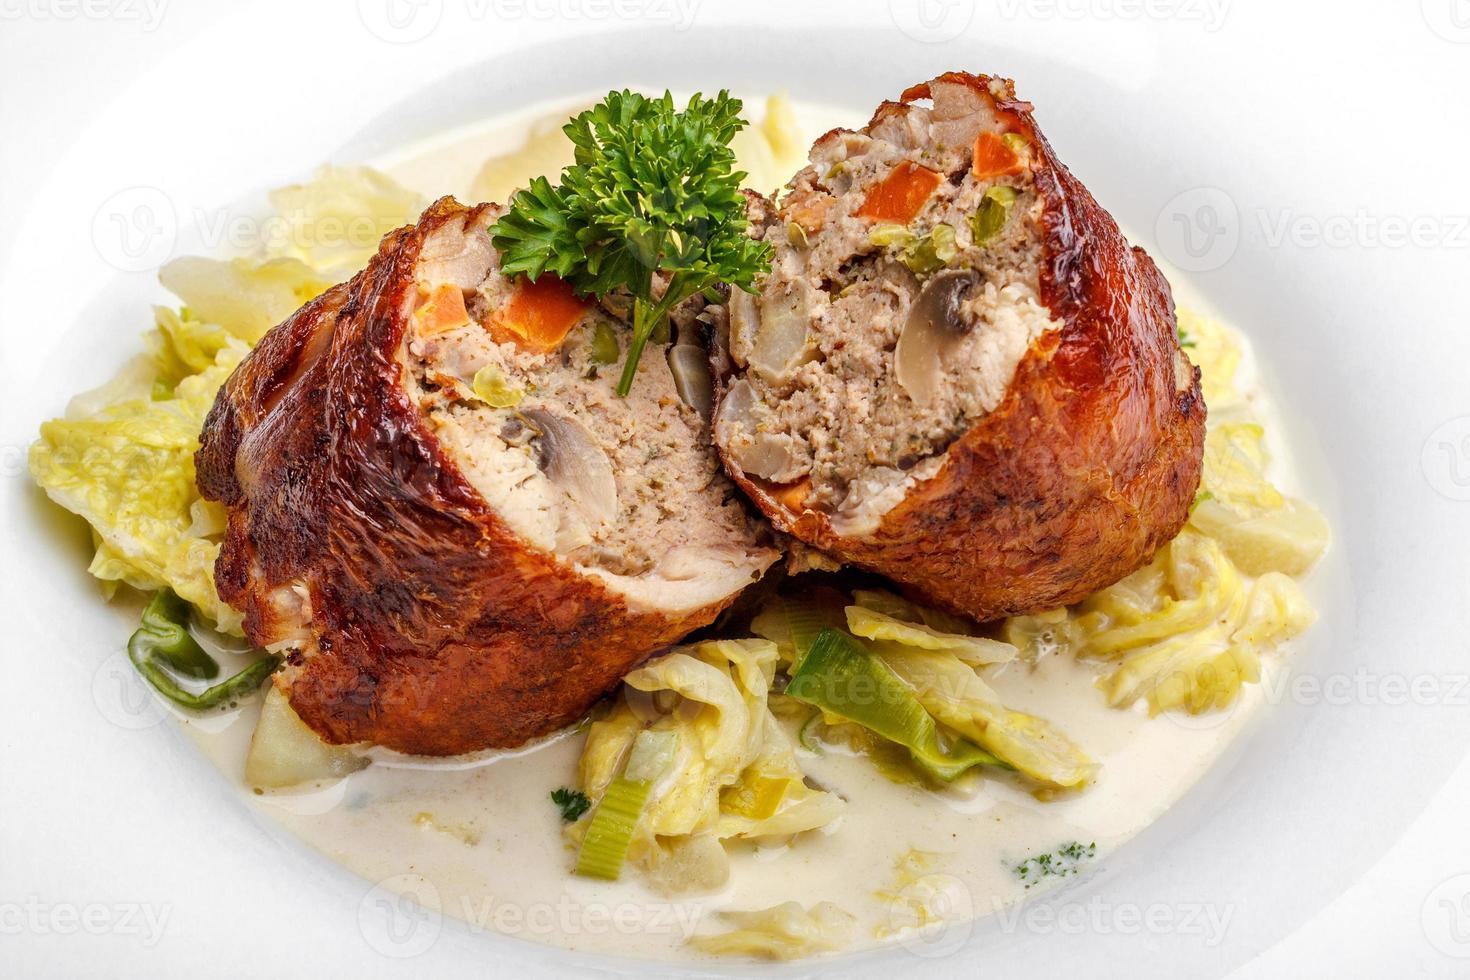 poulet farci au chou frisé et pomme de terre crémeuse photo